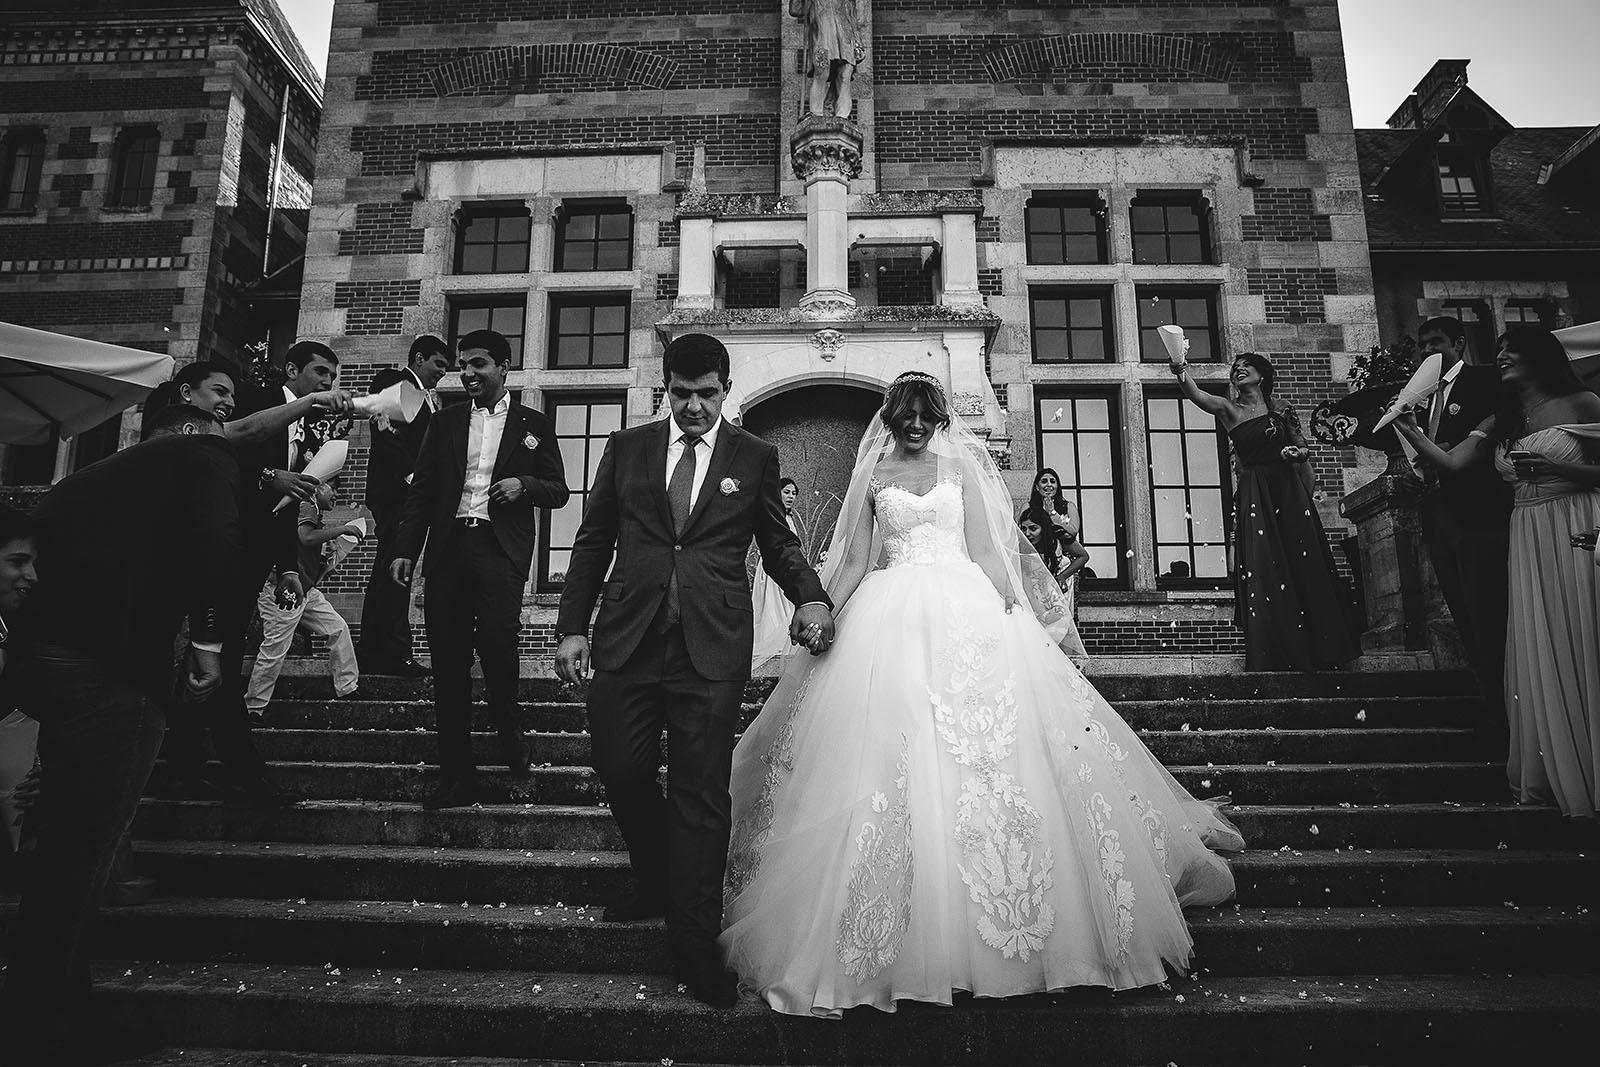 Mariage au Château de Beguin David Pommier photographe de mariage. Les mariés à la sortie de la cérémonie religieuse